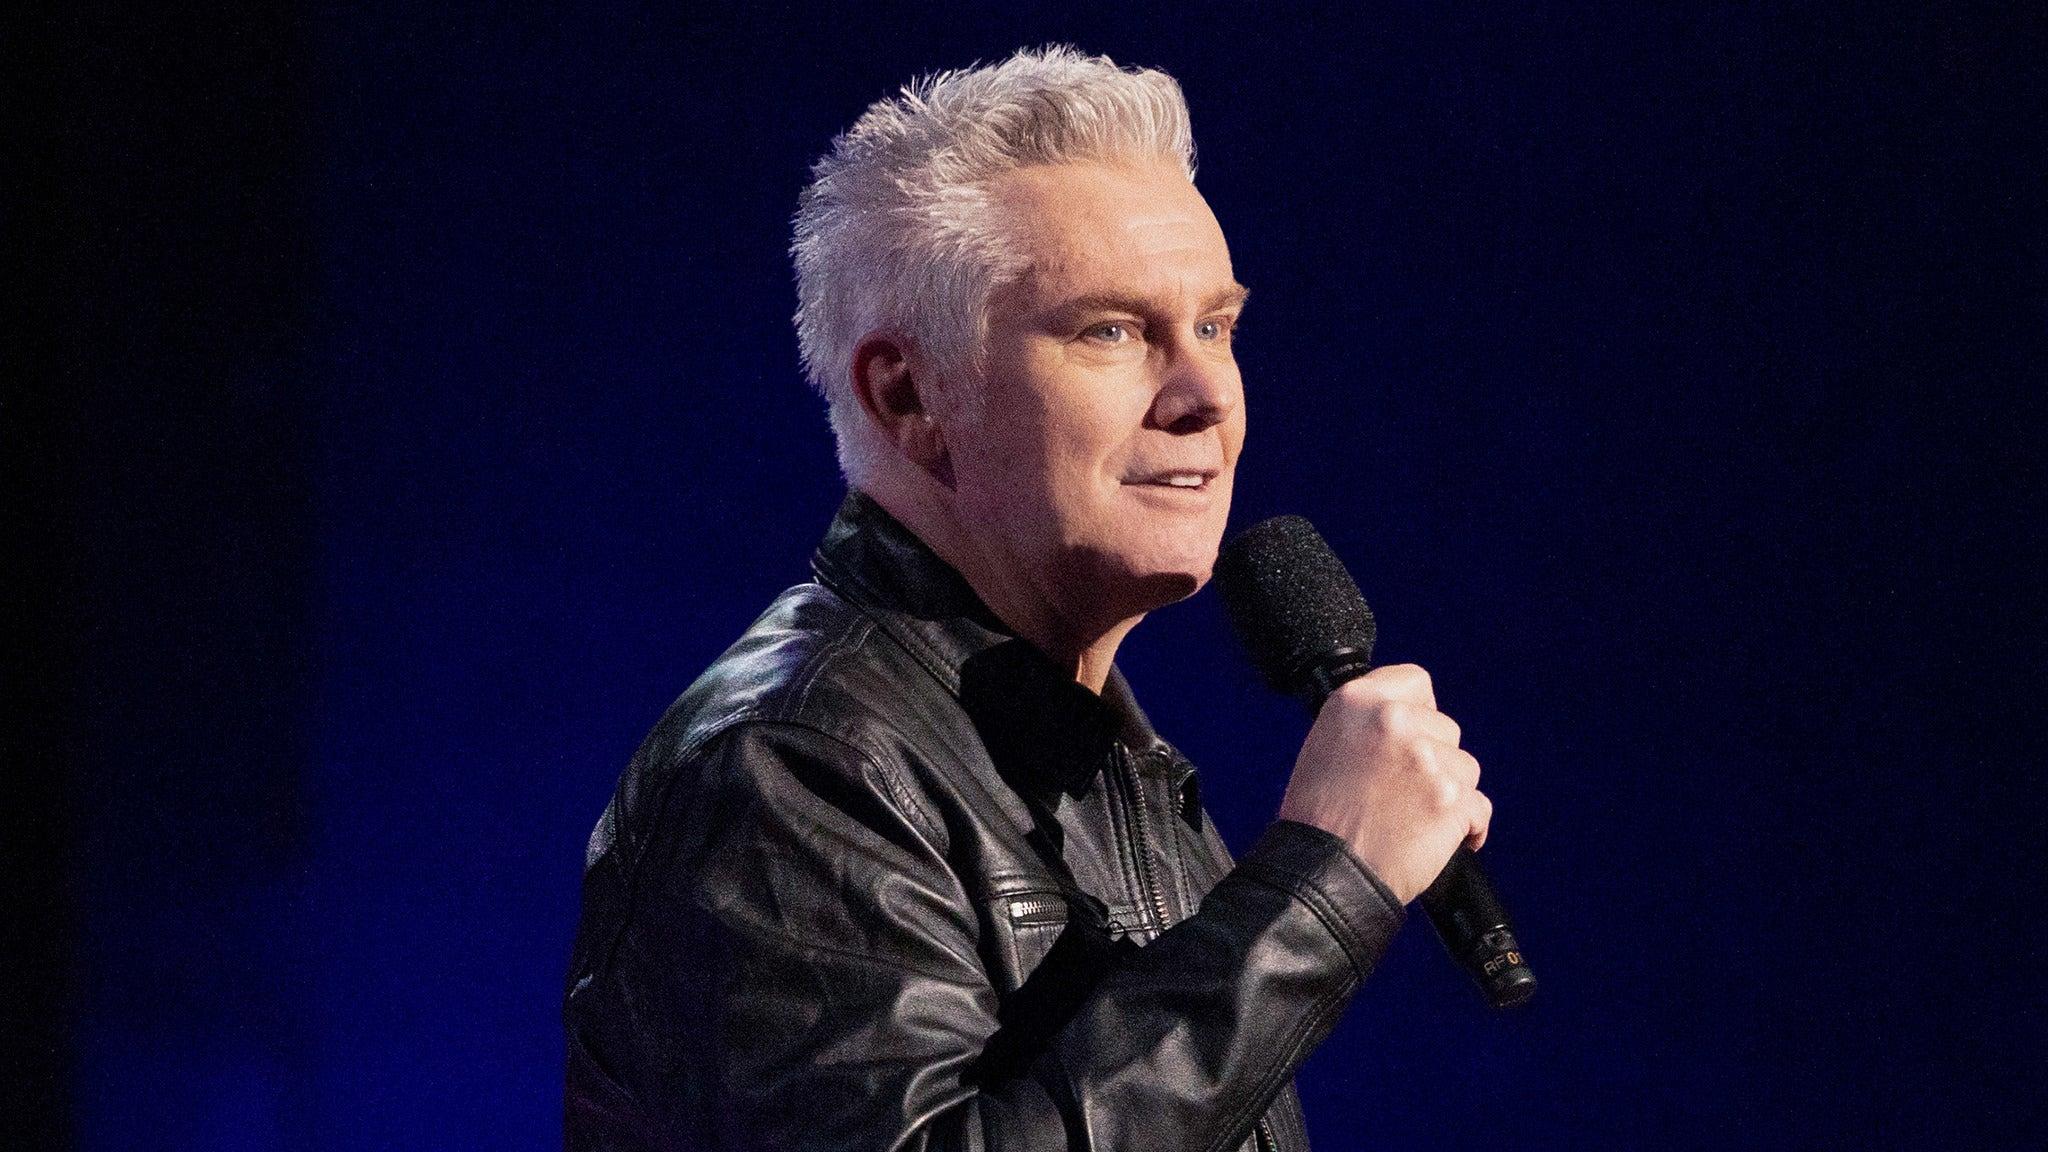 Brian Regan at Ridgefield Playhouse